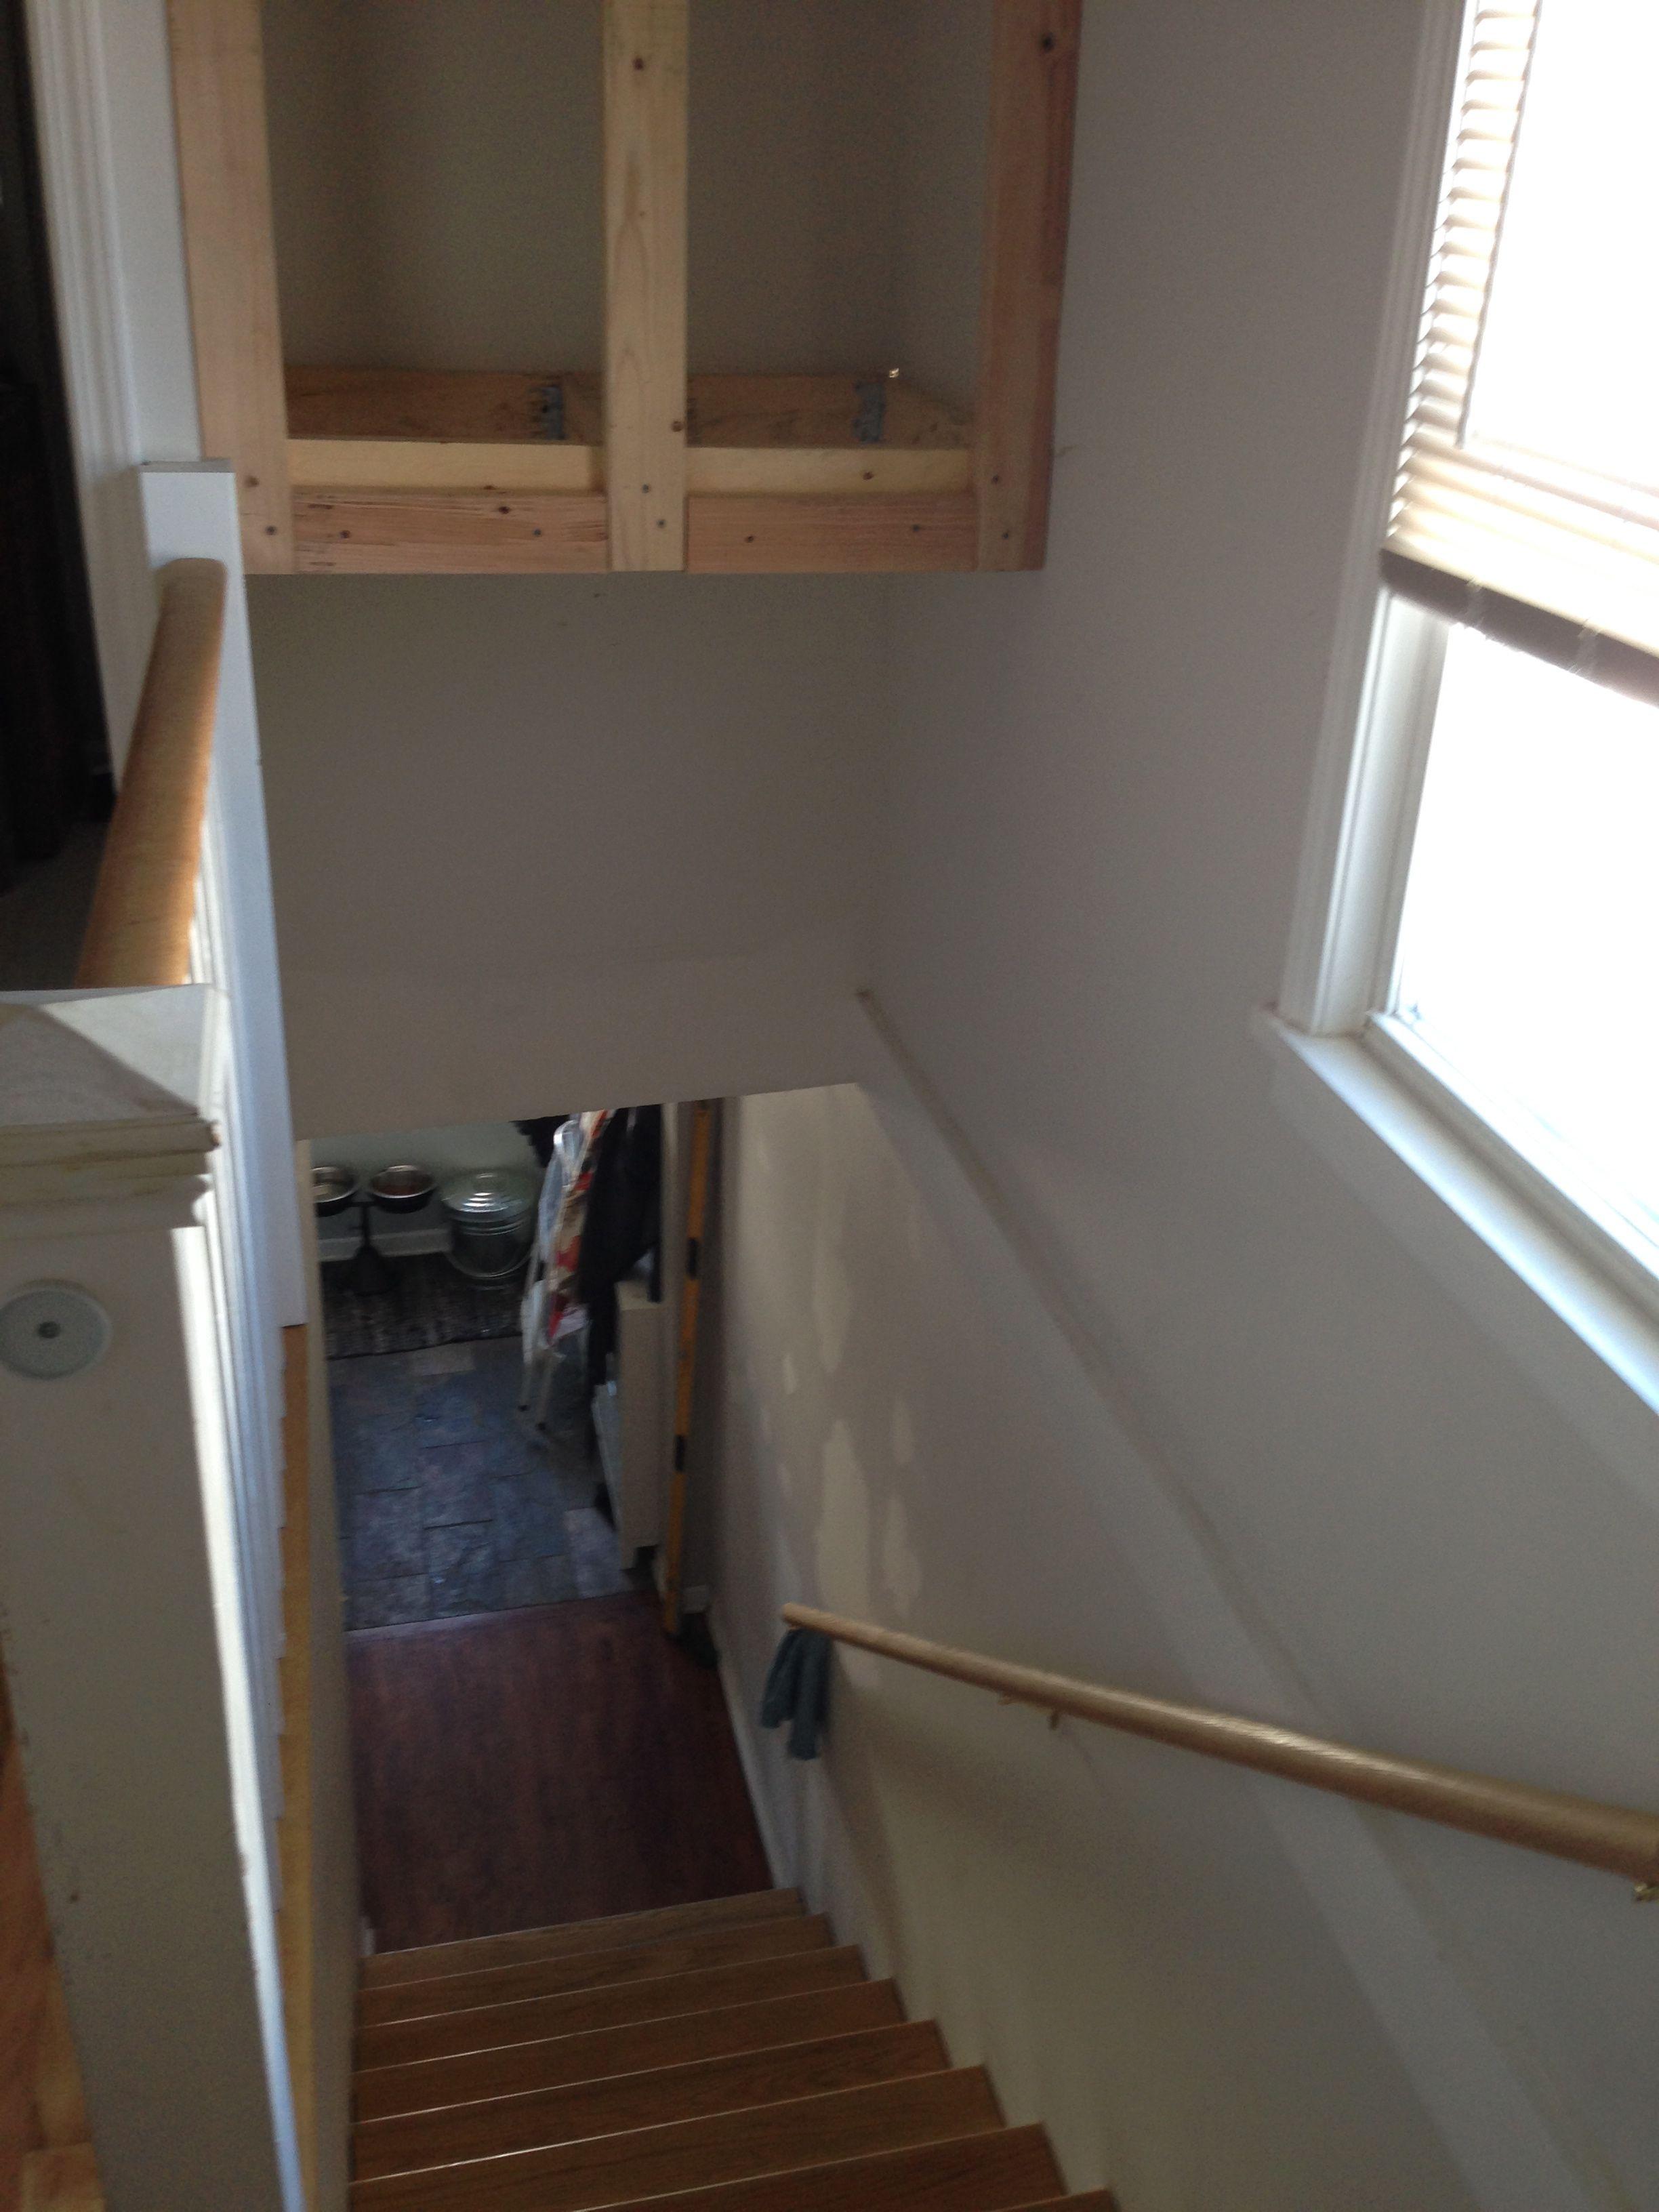 Best Stairway Bulkhead Stairway Storage Over Stairs Storage 400 x 300